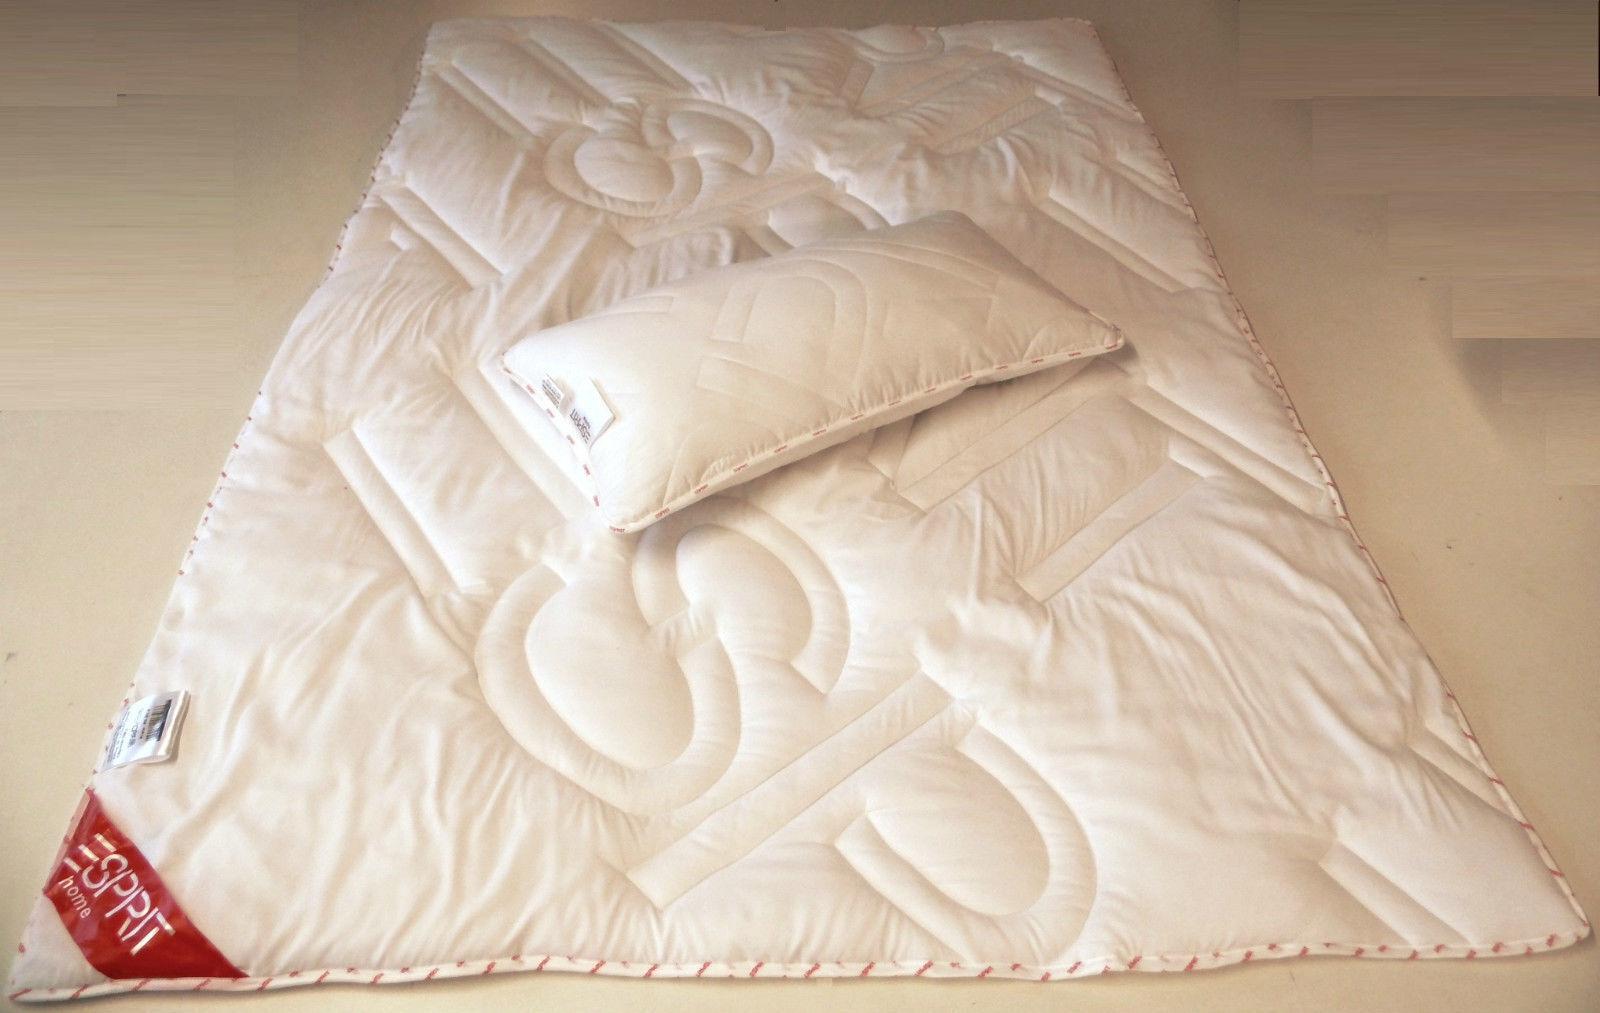 2Teiliges Bettenset Decke 135x200 cm + Kopfkissen 40x80 cm Polyester